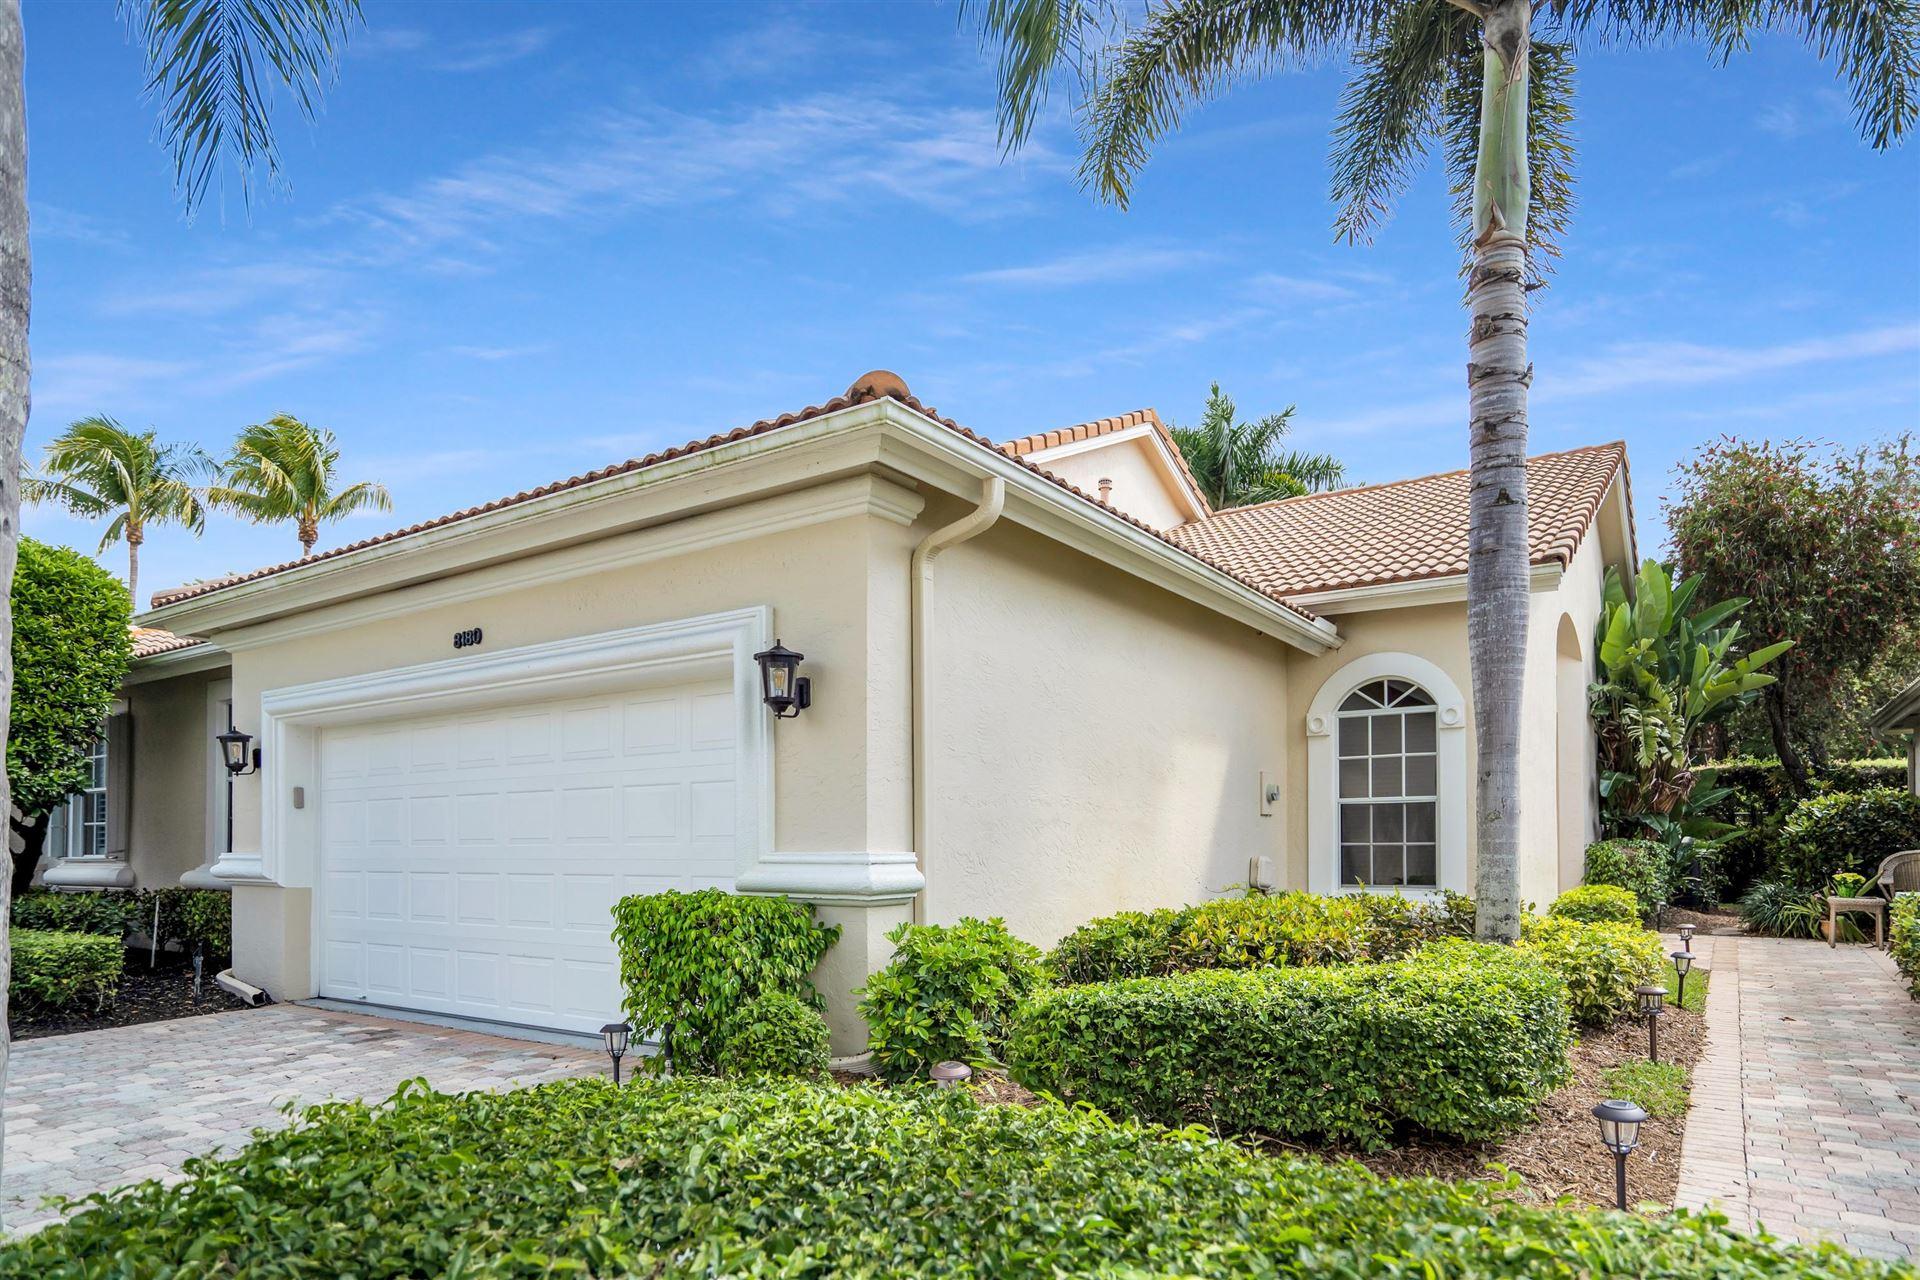 8180 Sandpiper Way, West Palm Beach, FL 33412 - MLS#: RX-10703869